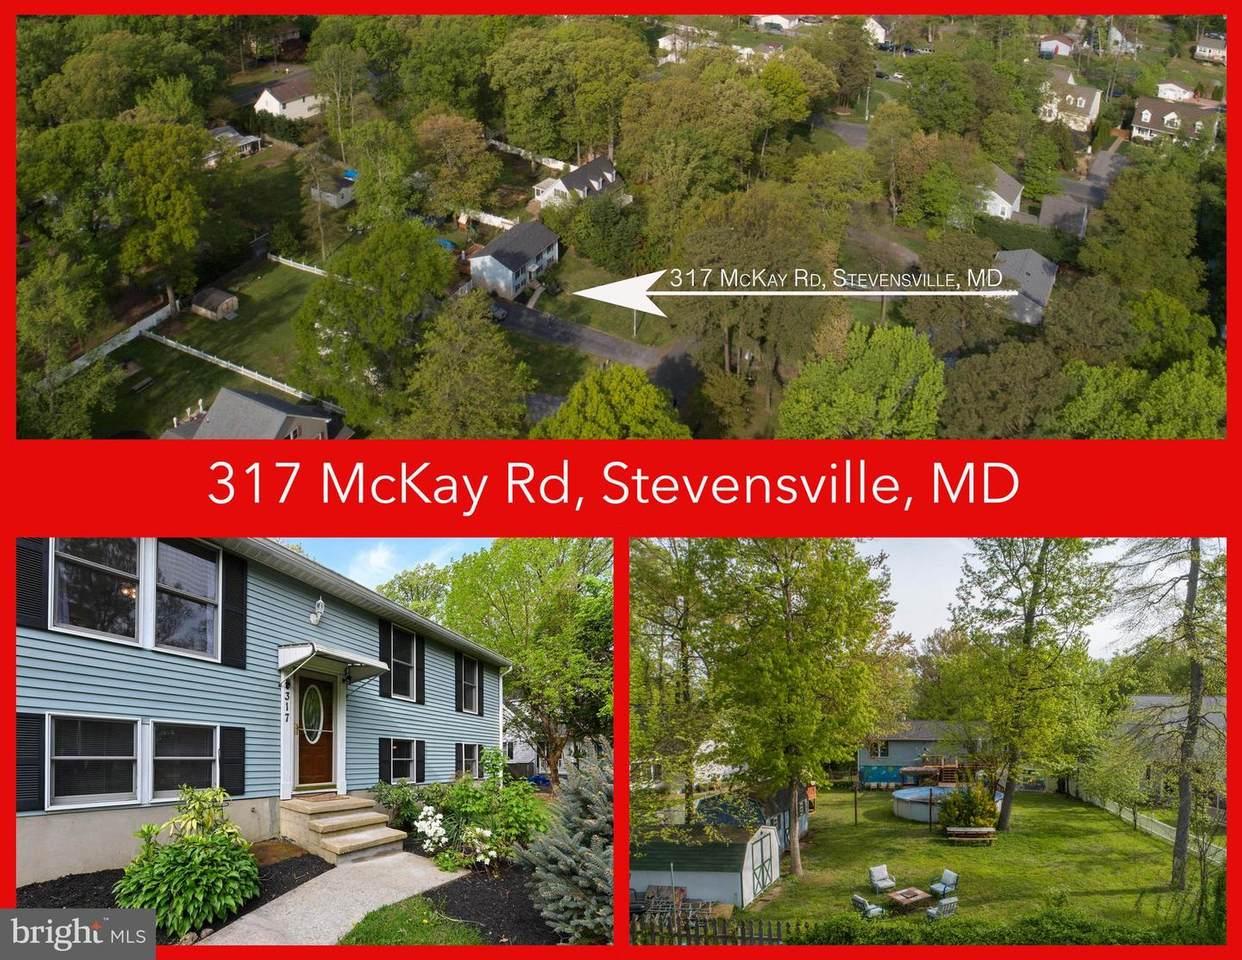 317 Mckay Road - Photo 1